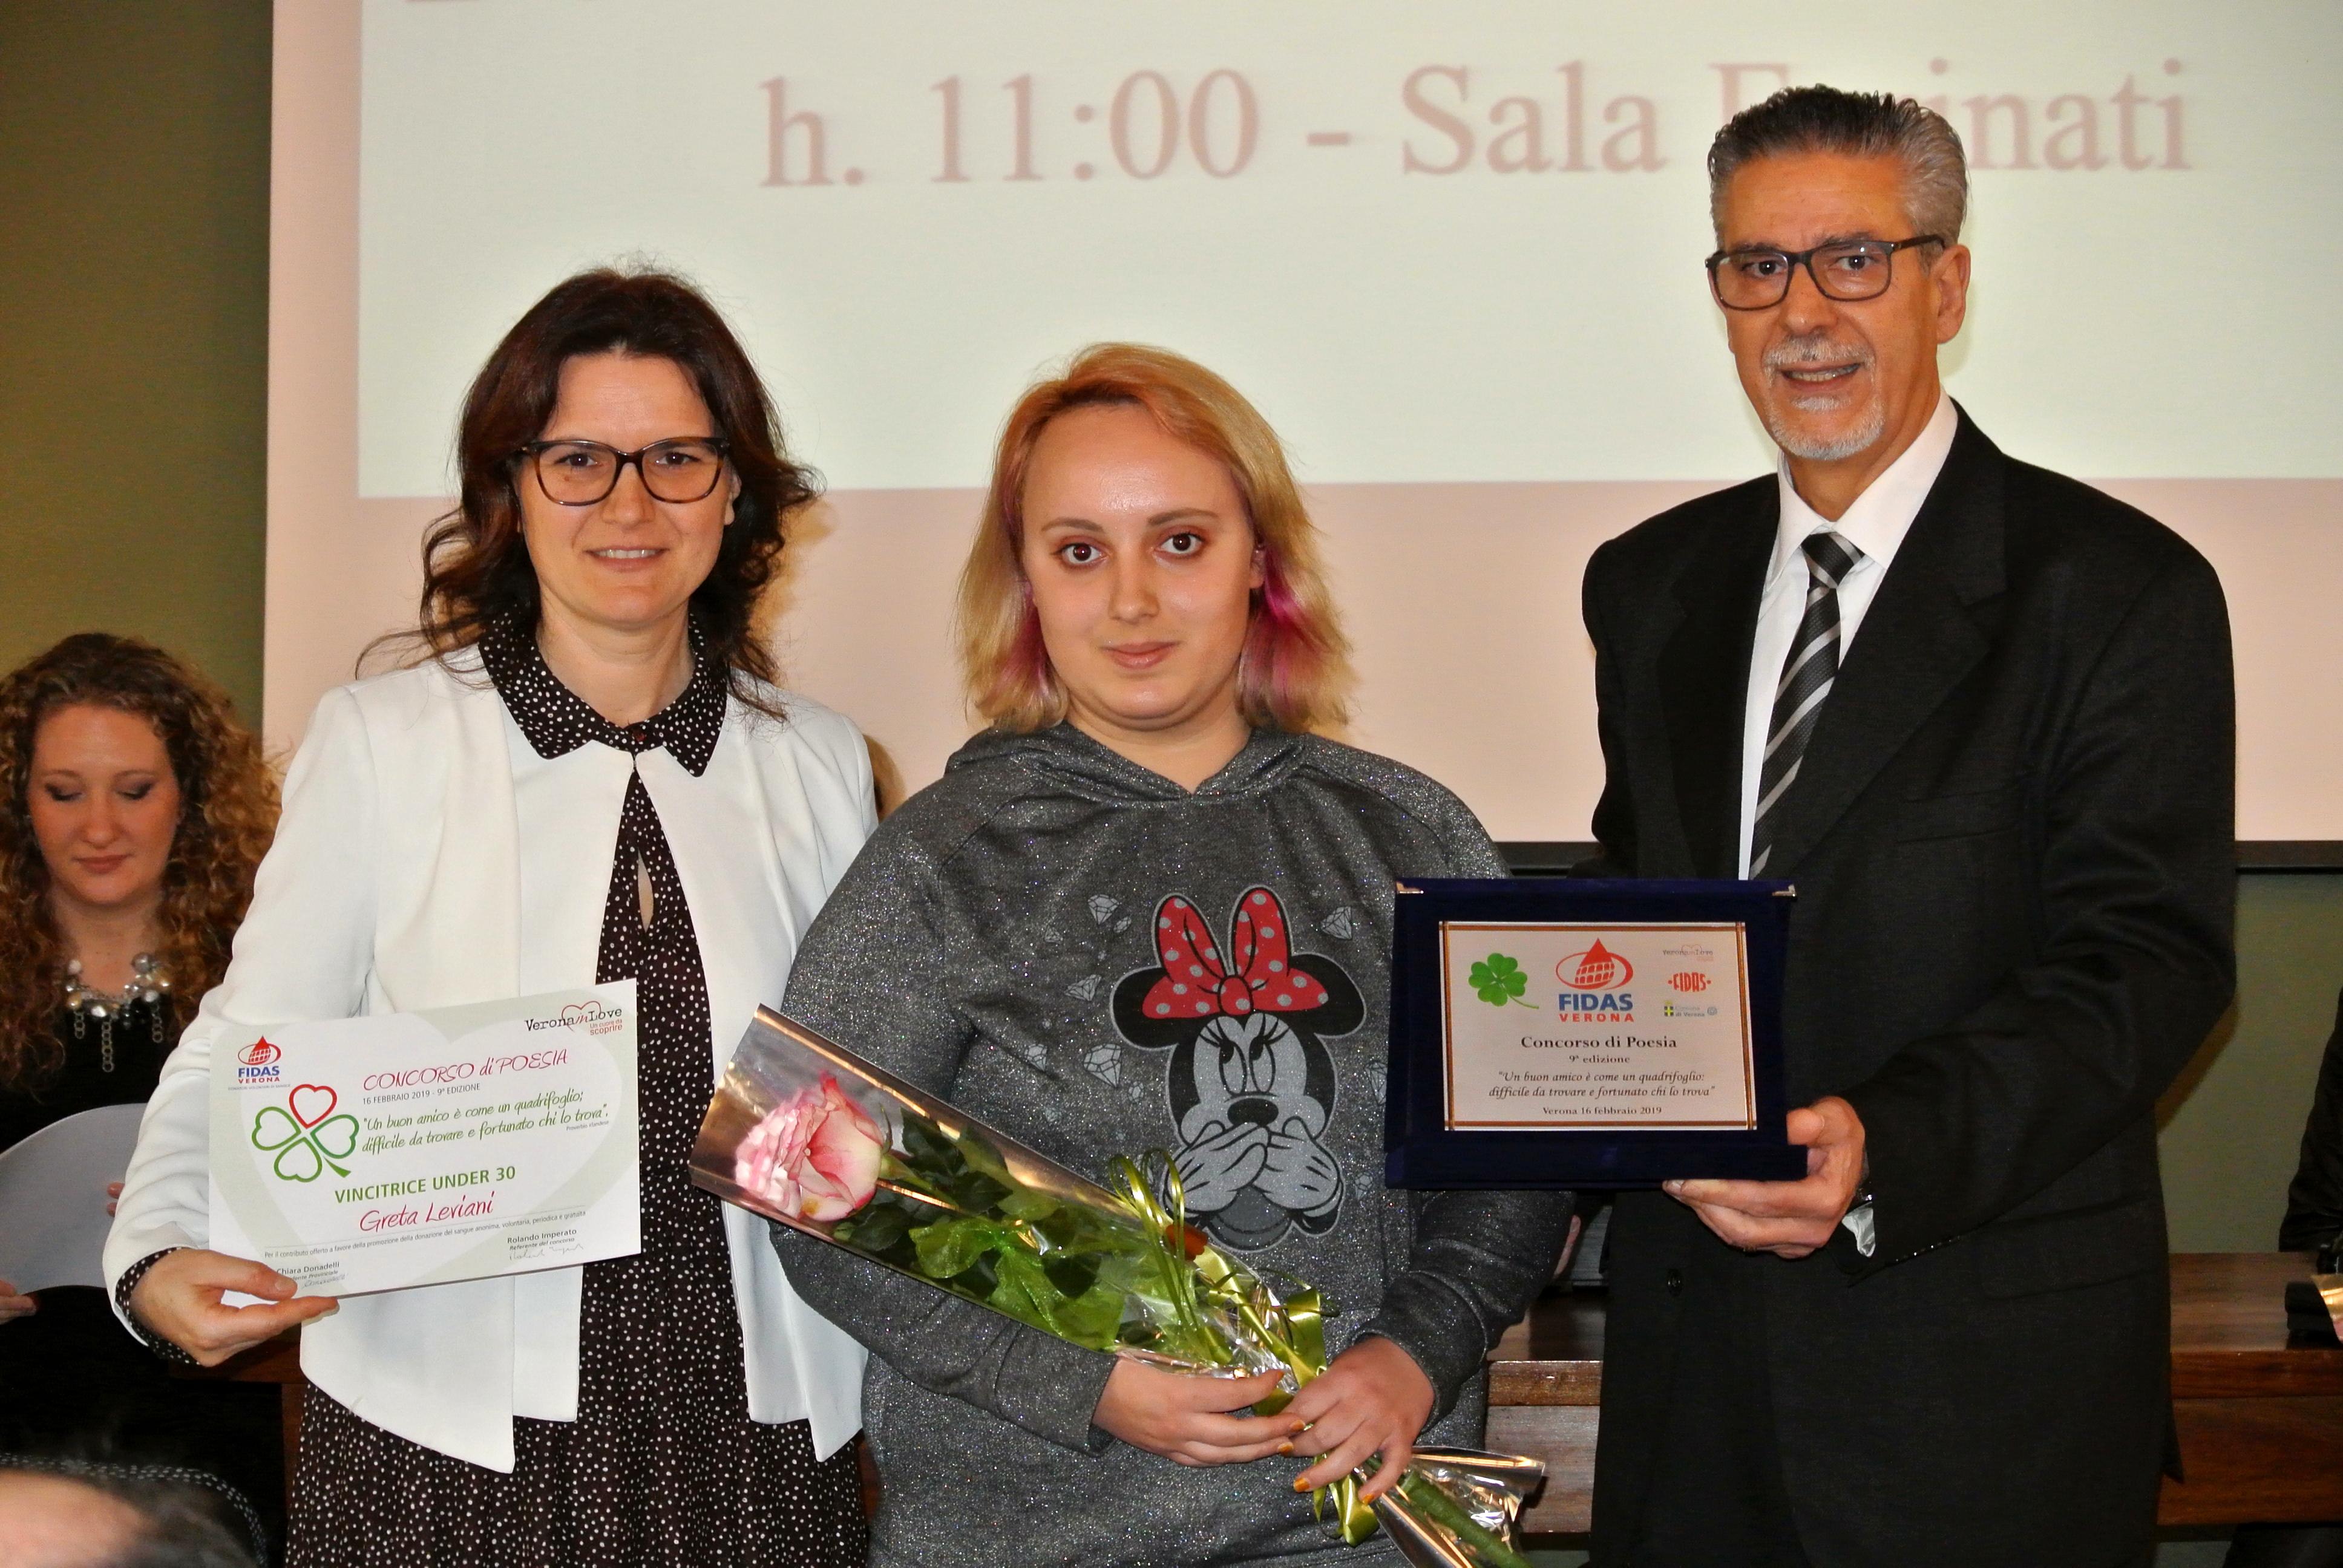 Greta Leviani vincitrice under 30 con la presidente Fidas Verona Chiara Donadelli e Rolando Imperato-2